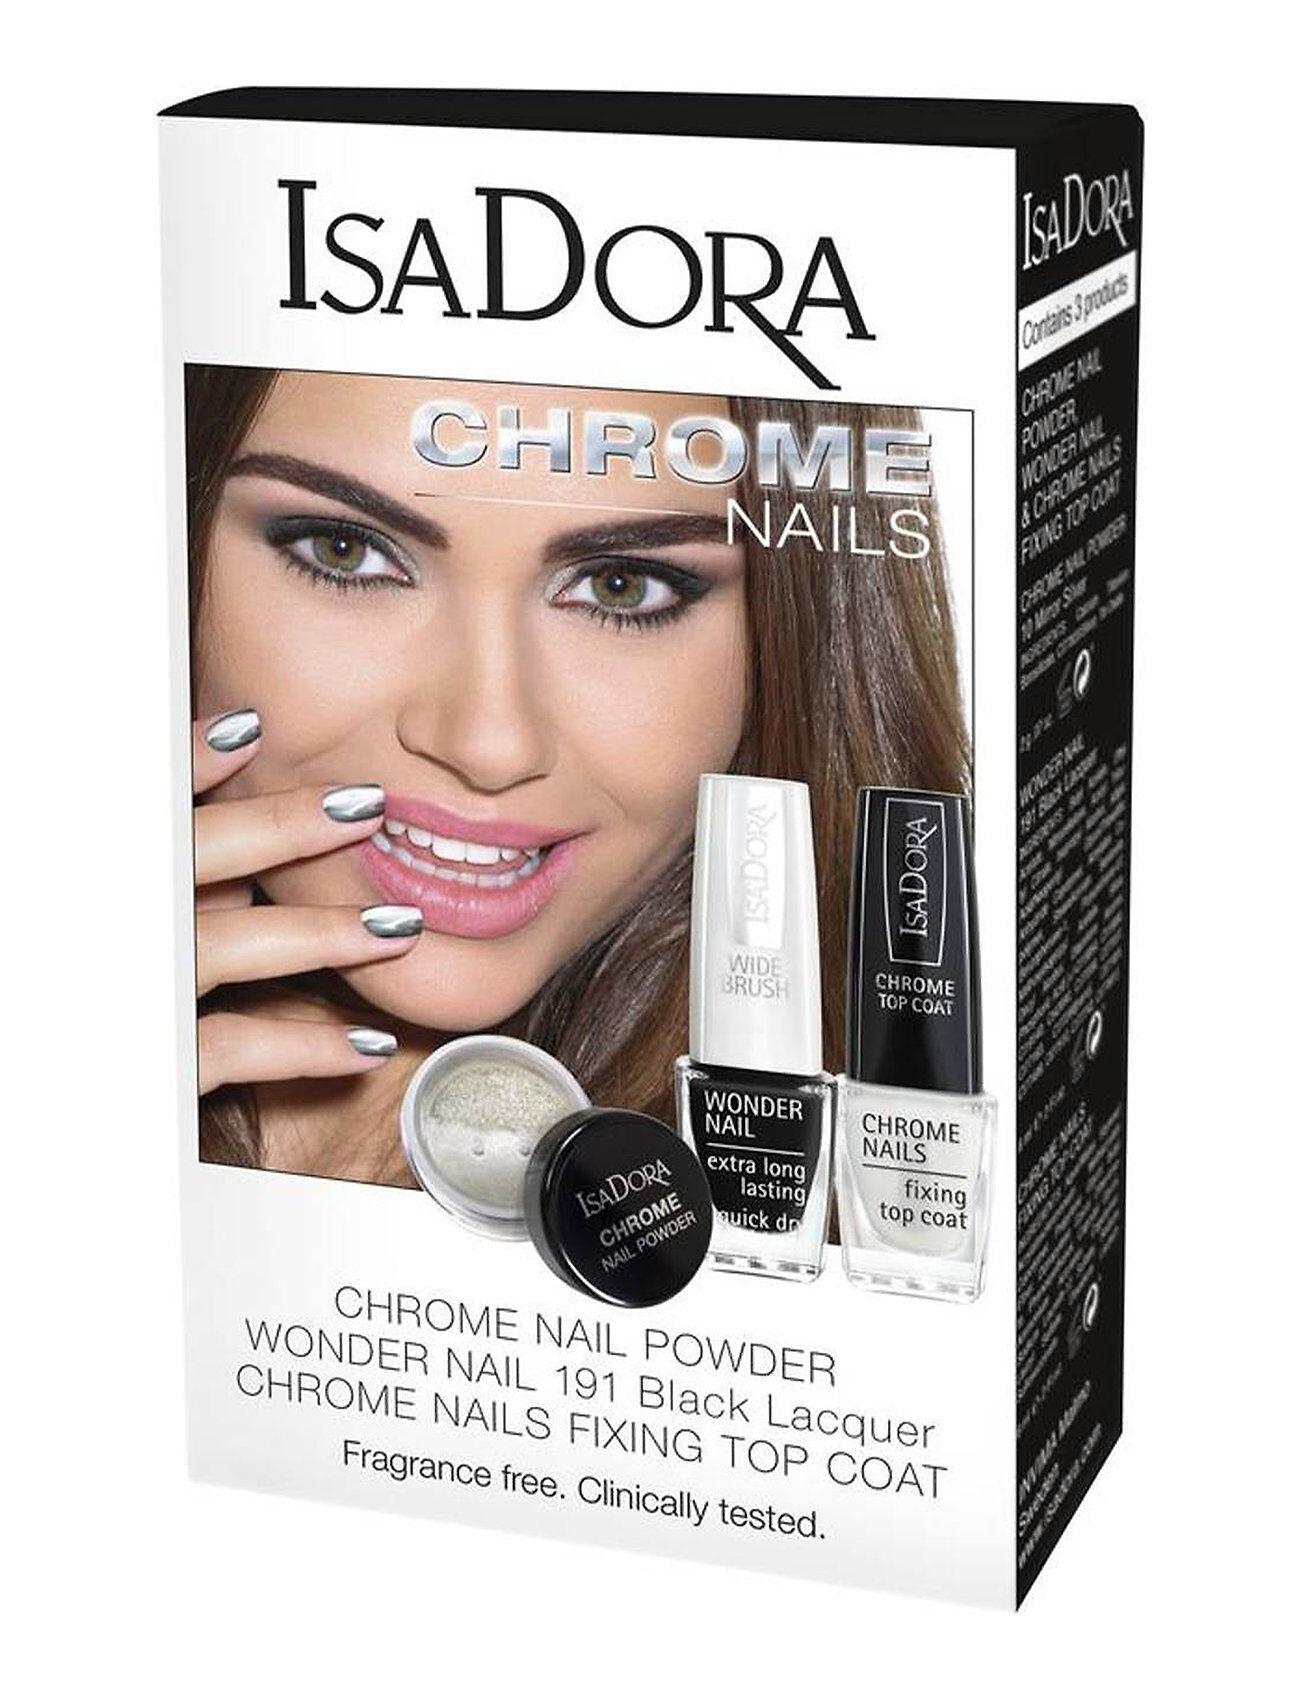 Isadora X-Mas Gift Set Gift Set Chrome Nail Powder,Mirror&Top Coat Meikkisetti Meikki Isadora